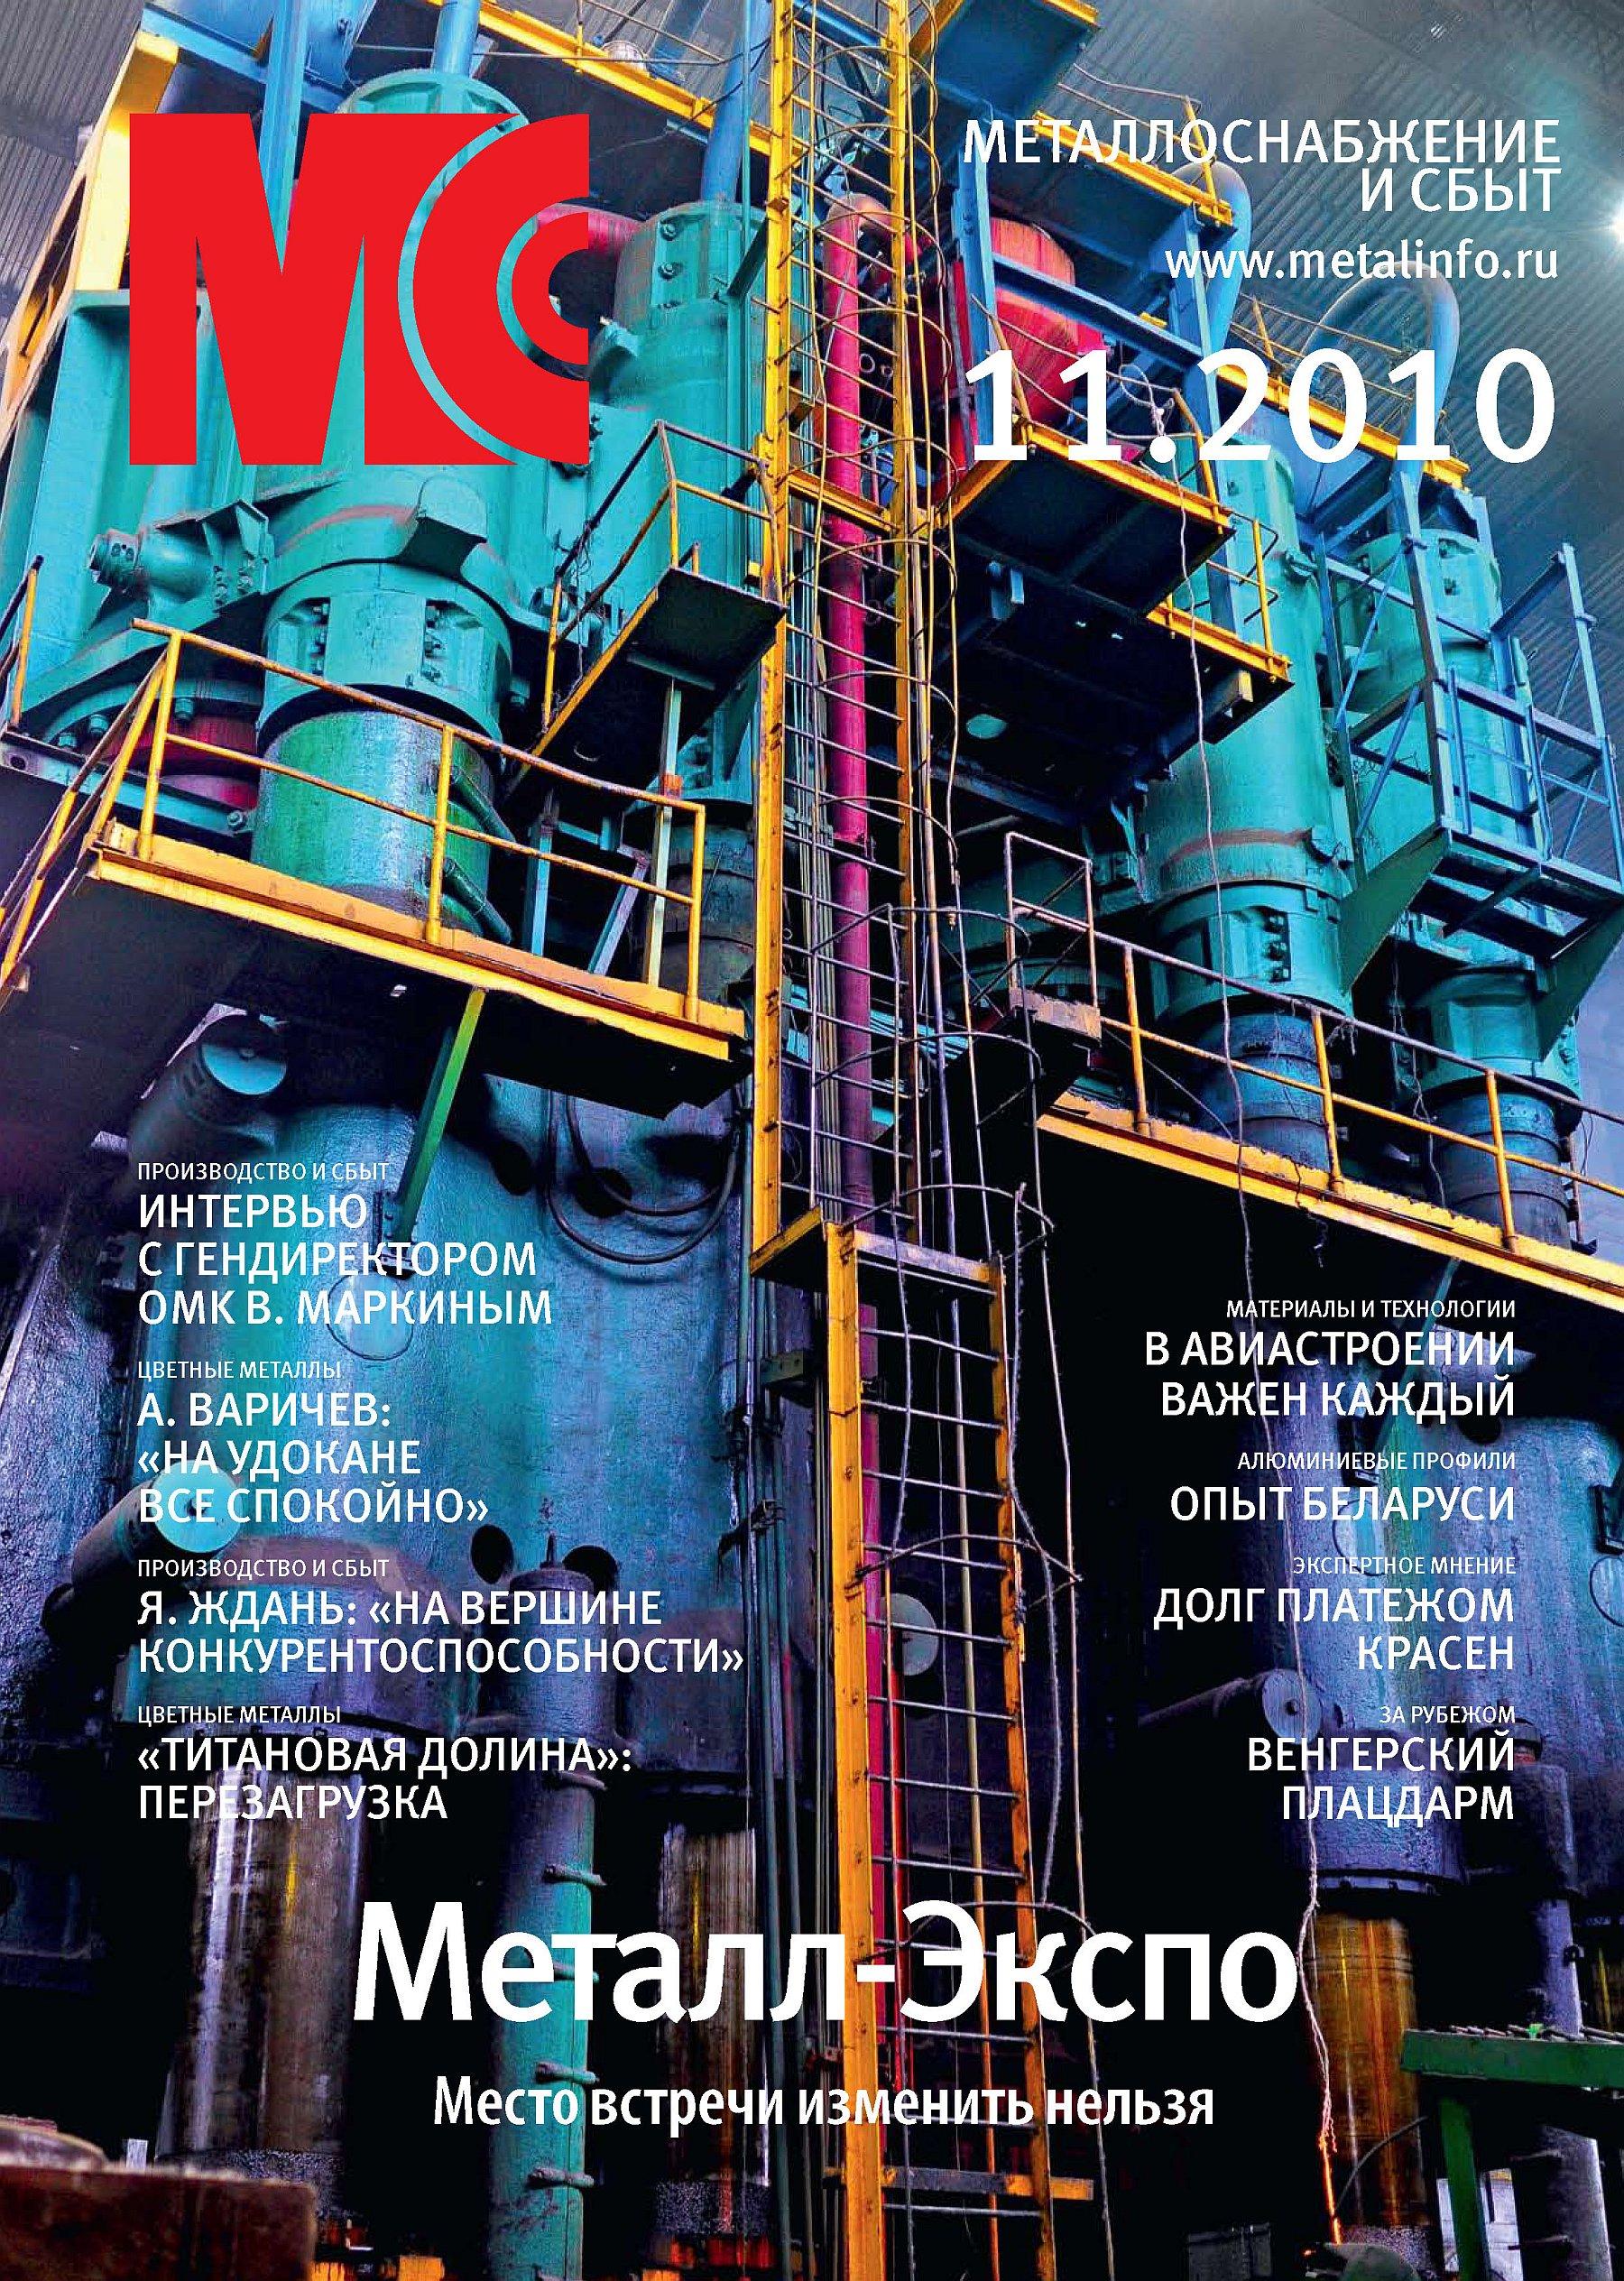 Отсутствует Металлоснабжение и сбыт №11/2010 отсутствует металлоснабжение и сбыт 3 2010